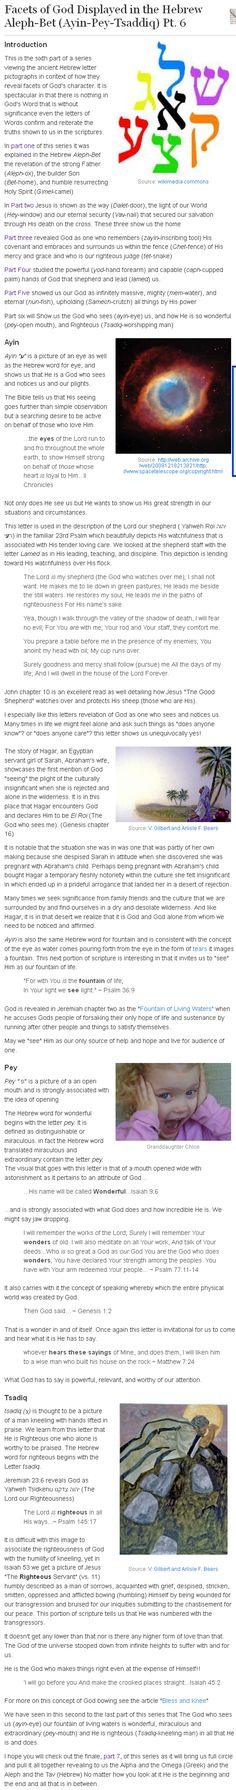 Hebrew Aleph-Bet Part 6 Ayin-Pey-Tsaddiq